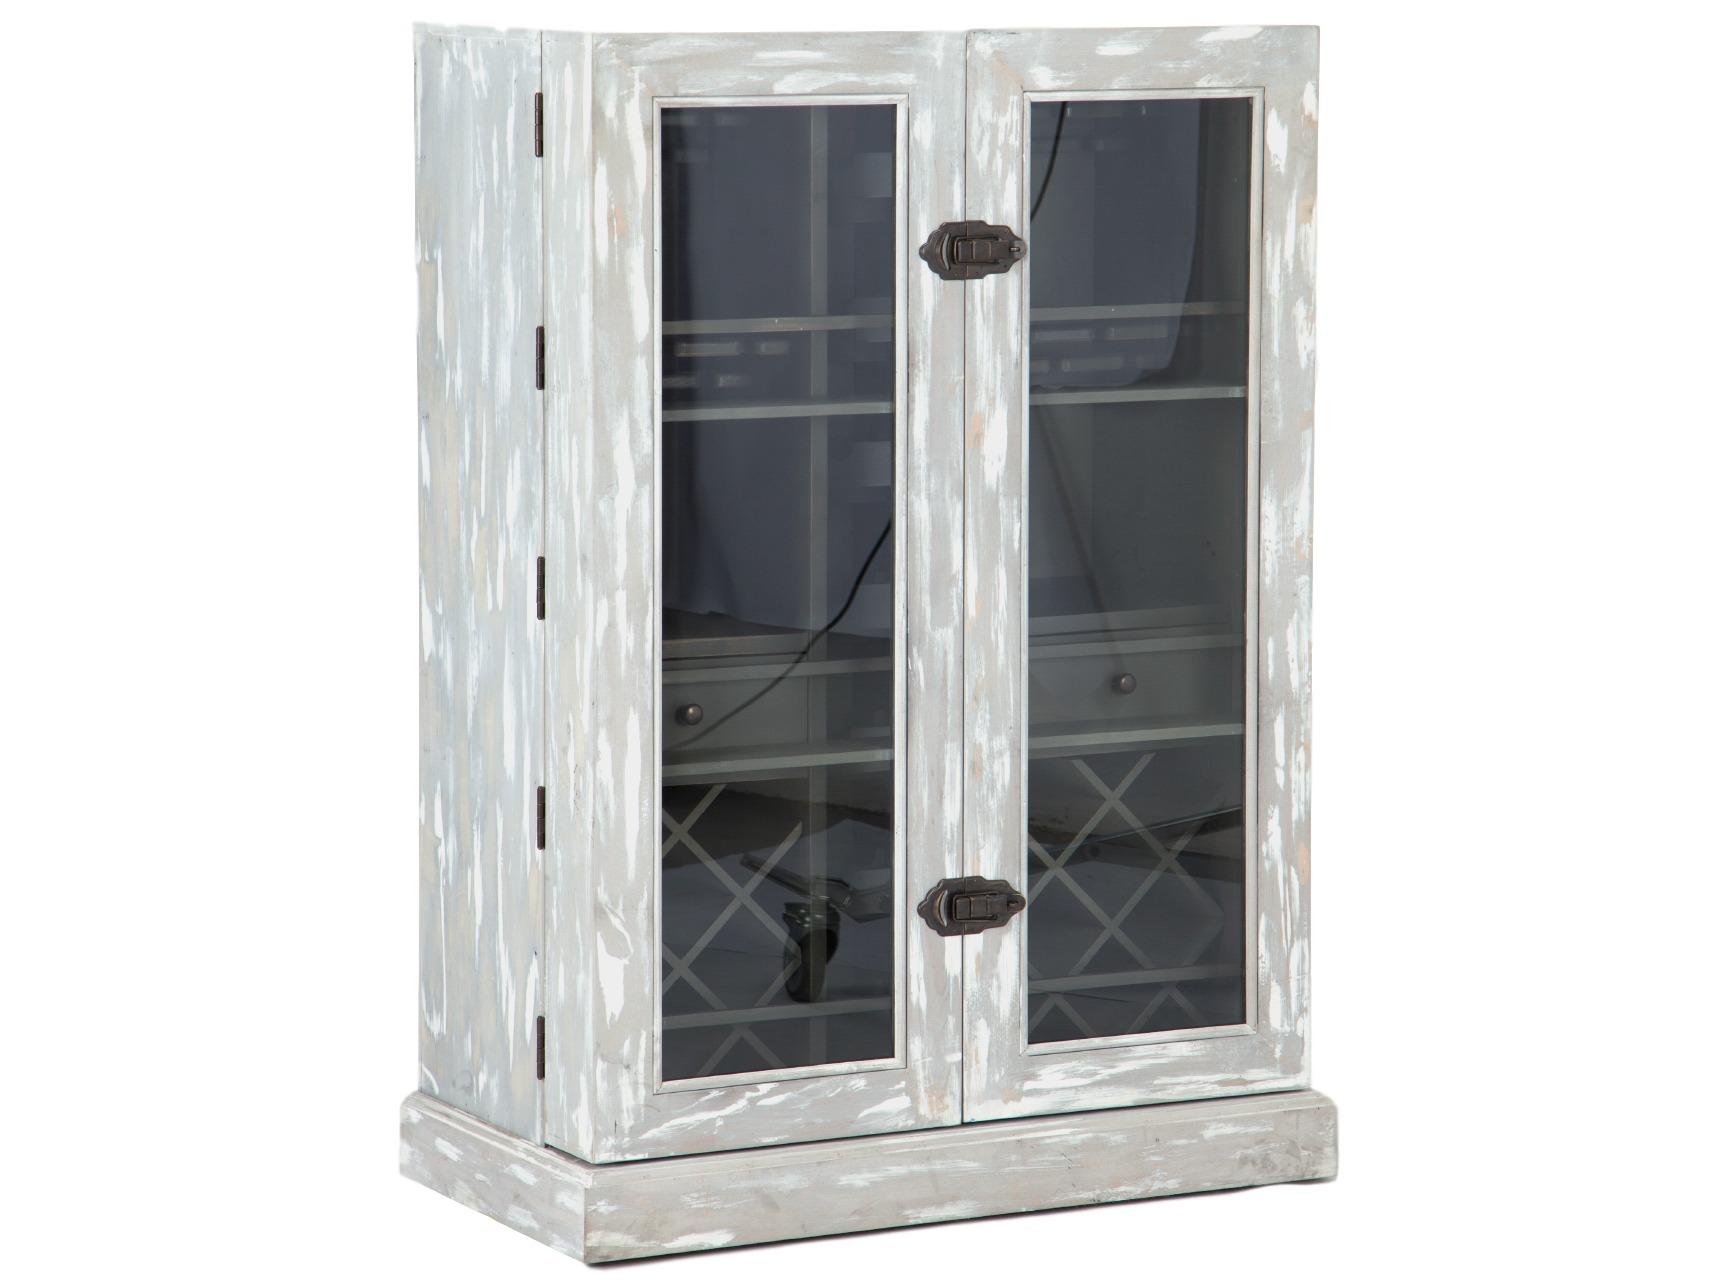 Винный шкафВинные шкафы<br>Шкаф-бар с множеством отделений для вин и держателей для бокалов, передвижной на колесиках. Внутри два выдвижных ящика. Дверцы со стеклом имеют полочки и распахиваются на 180 градусов.<br><br>Material: Дерево<br>Ширина см: 94<br>Высота см: 131<br>Глубина см: 50